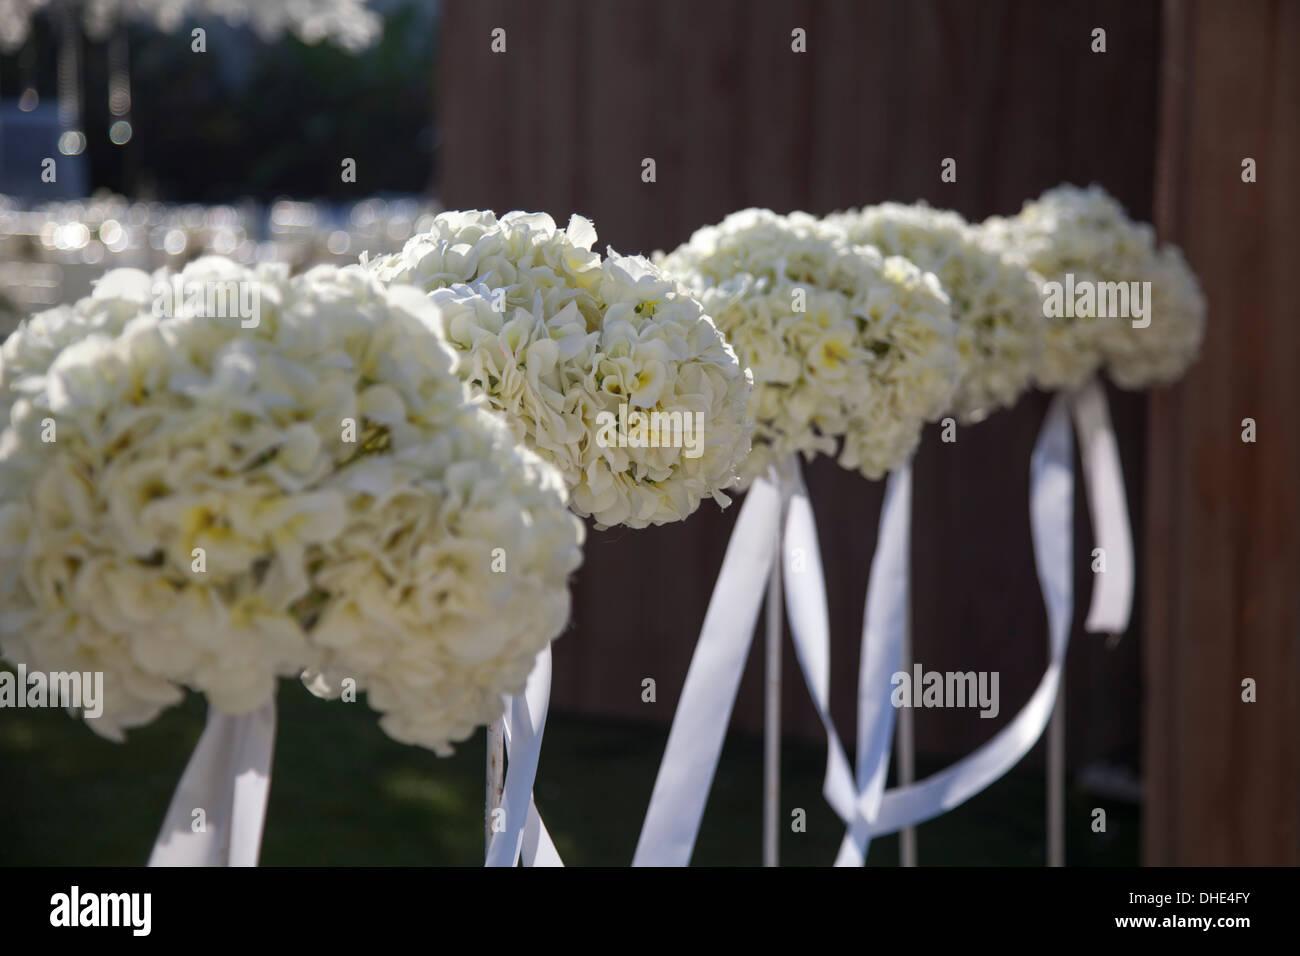 Hochzeit Blumen Dekoration Zeile Spalte Weissen Rosen Locken